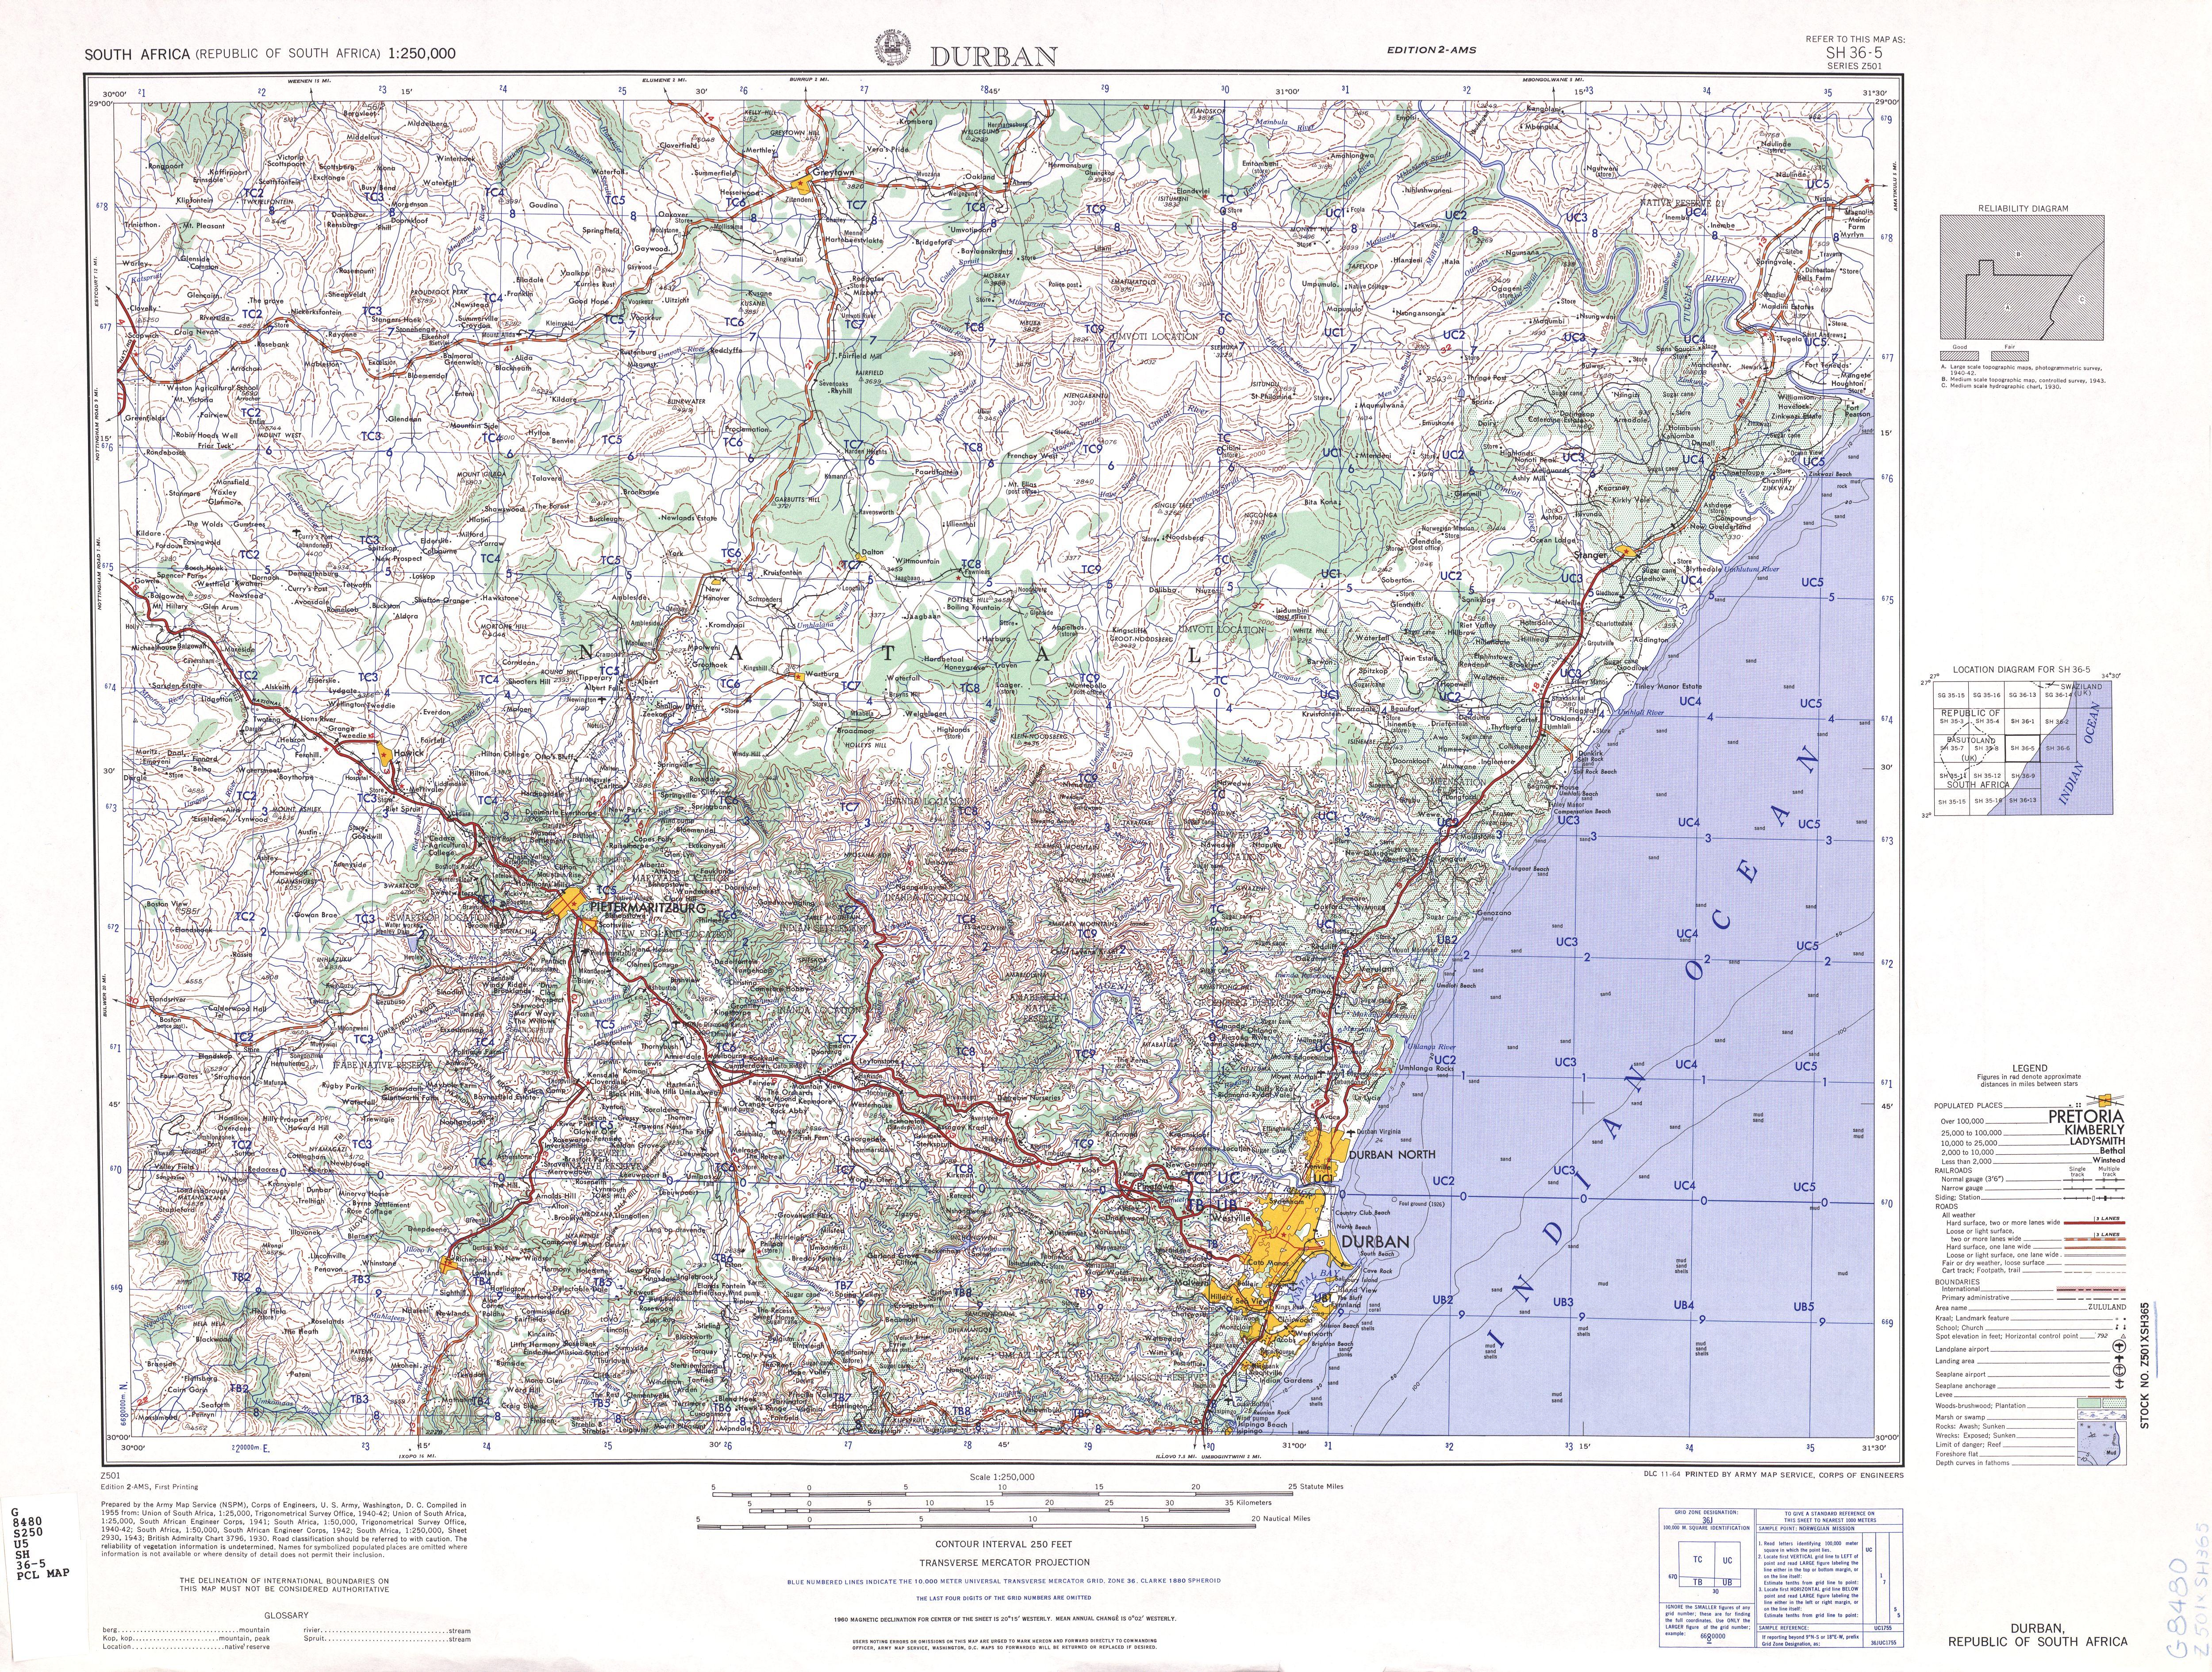 Hoja Durban del Mapa Topográfico de Sudáfrica 1954